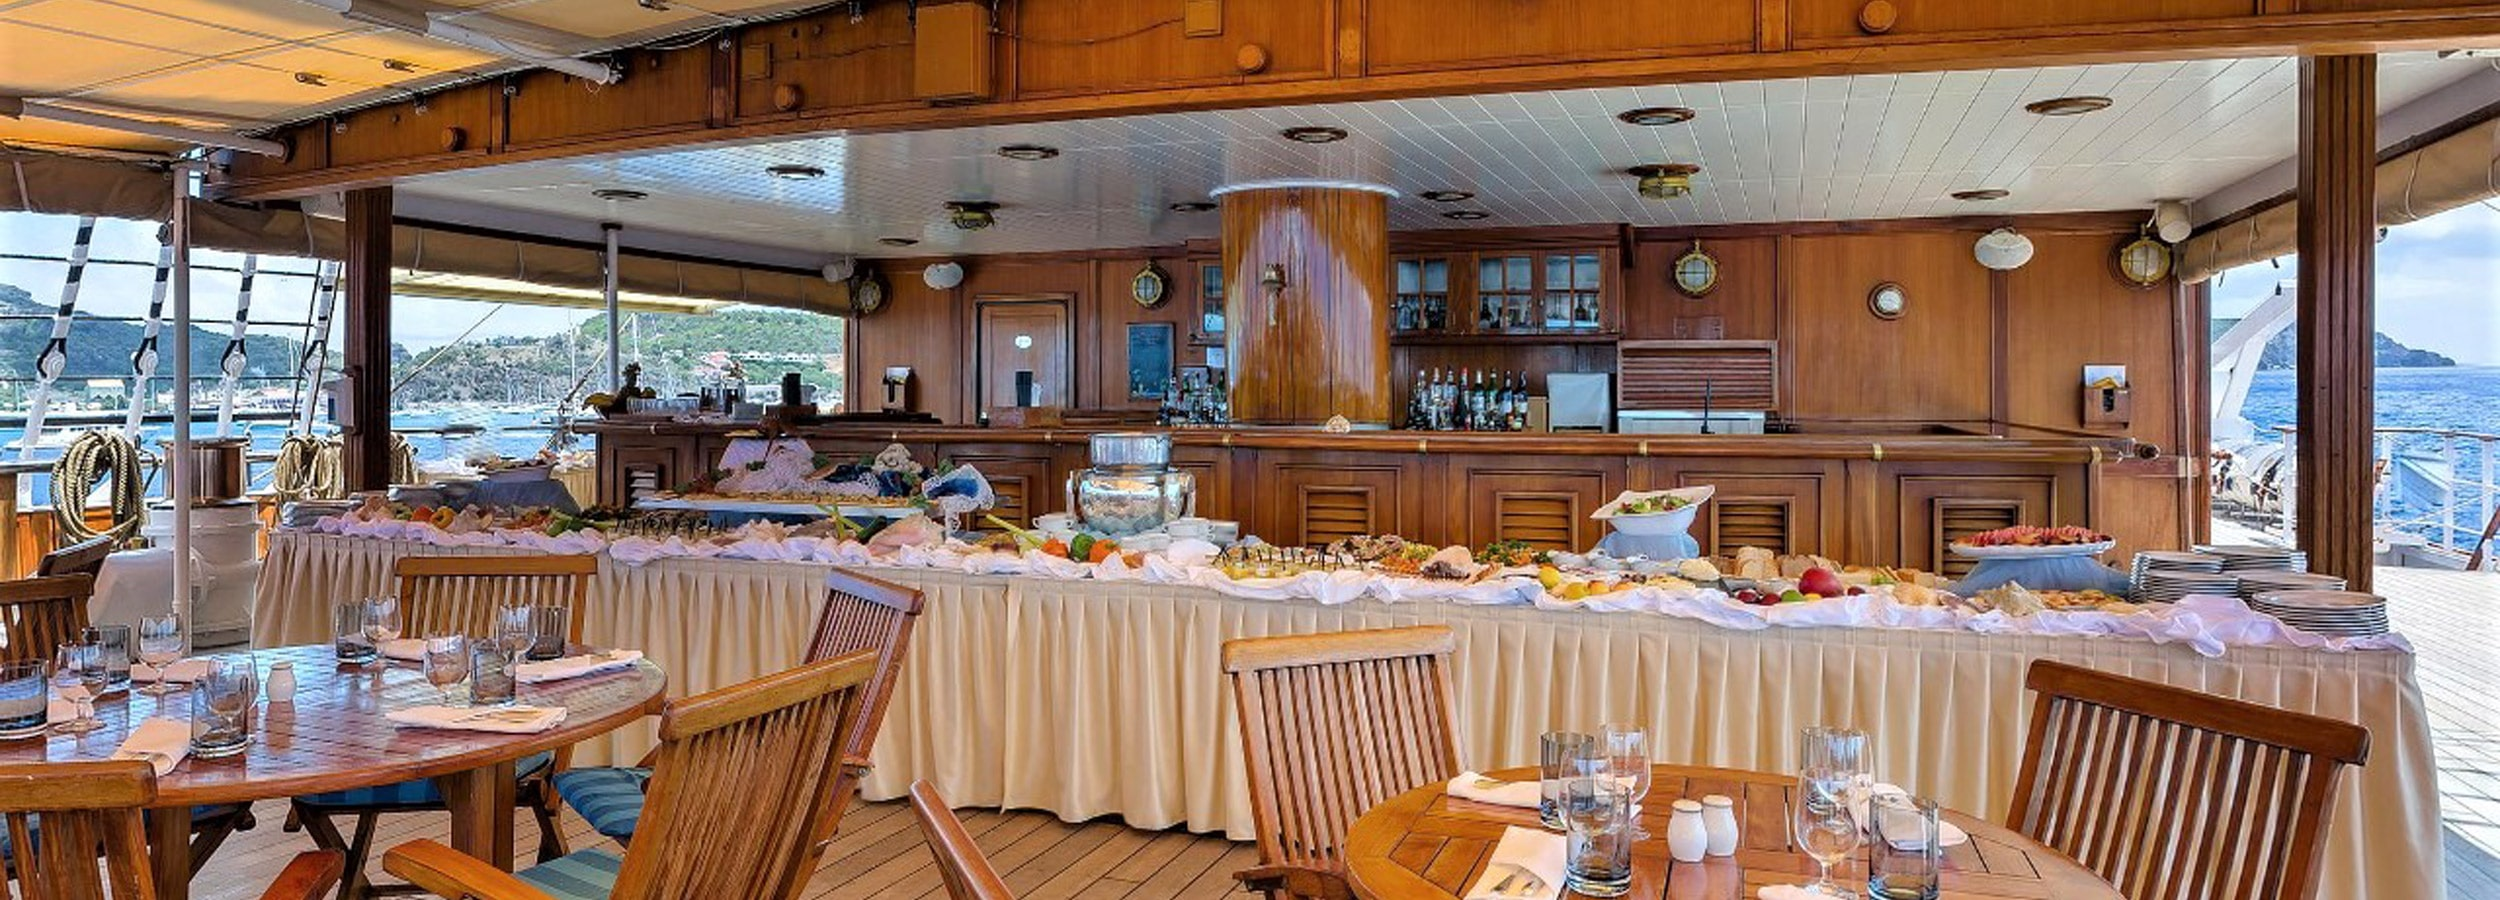 Lunchbüffet auf dem Zwischendeck. Die ungezwungene Atmosphäre auf Windjammern wird besonders von Incentive-Teilnehmern geschätzt.